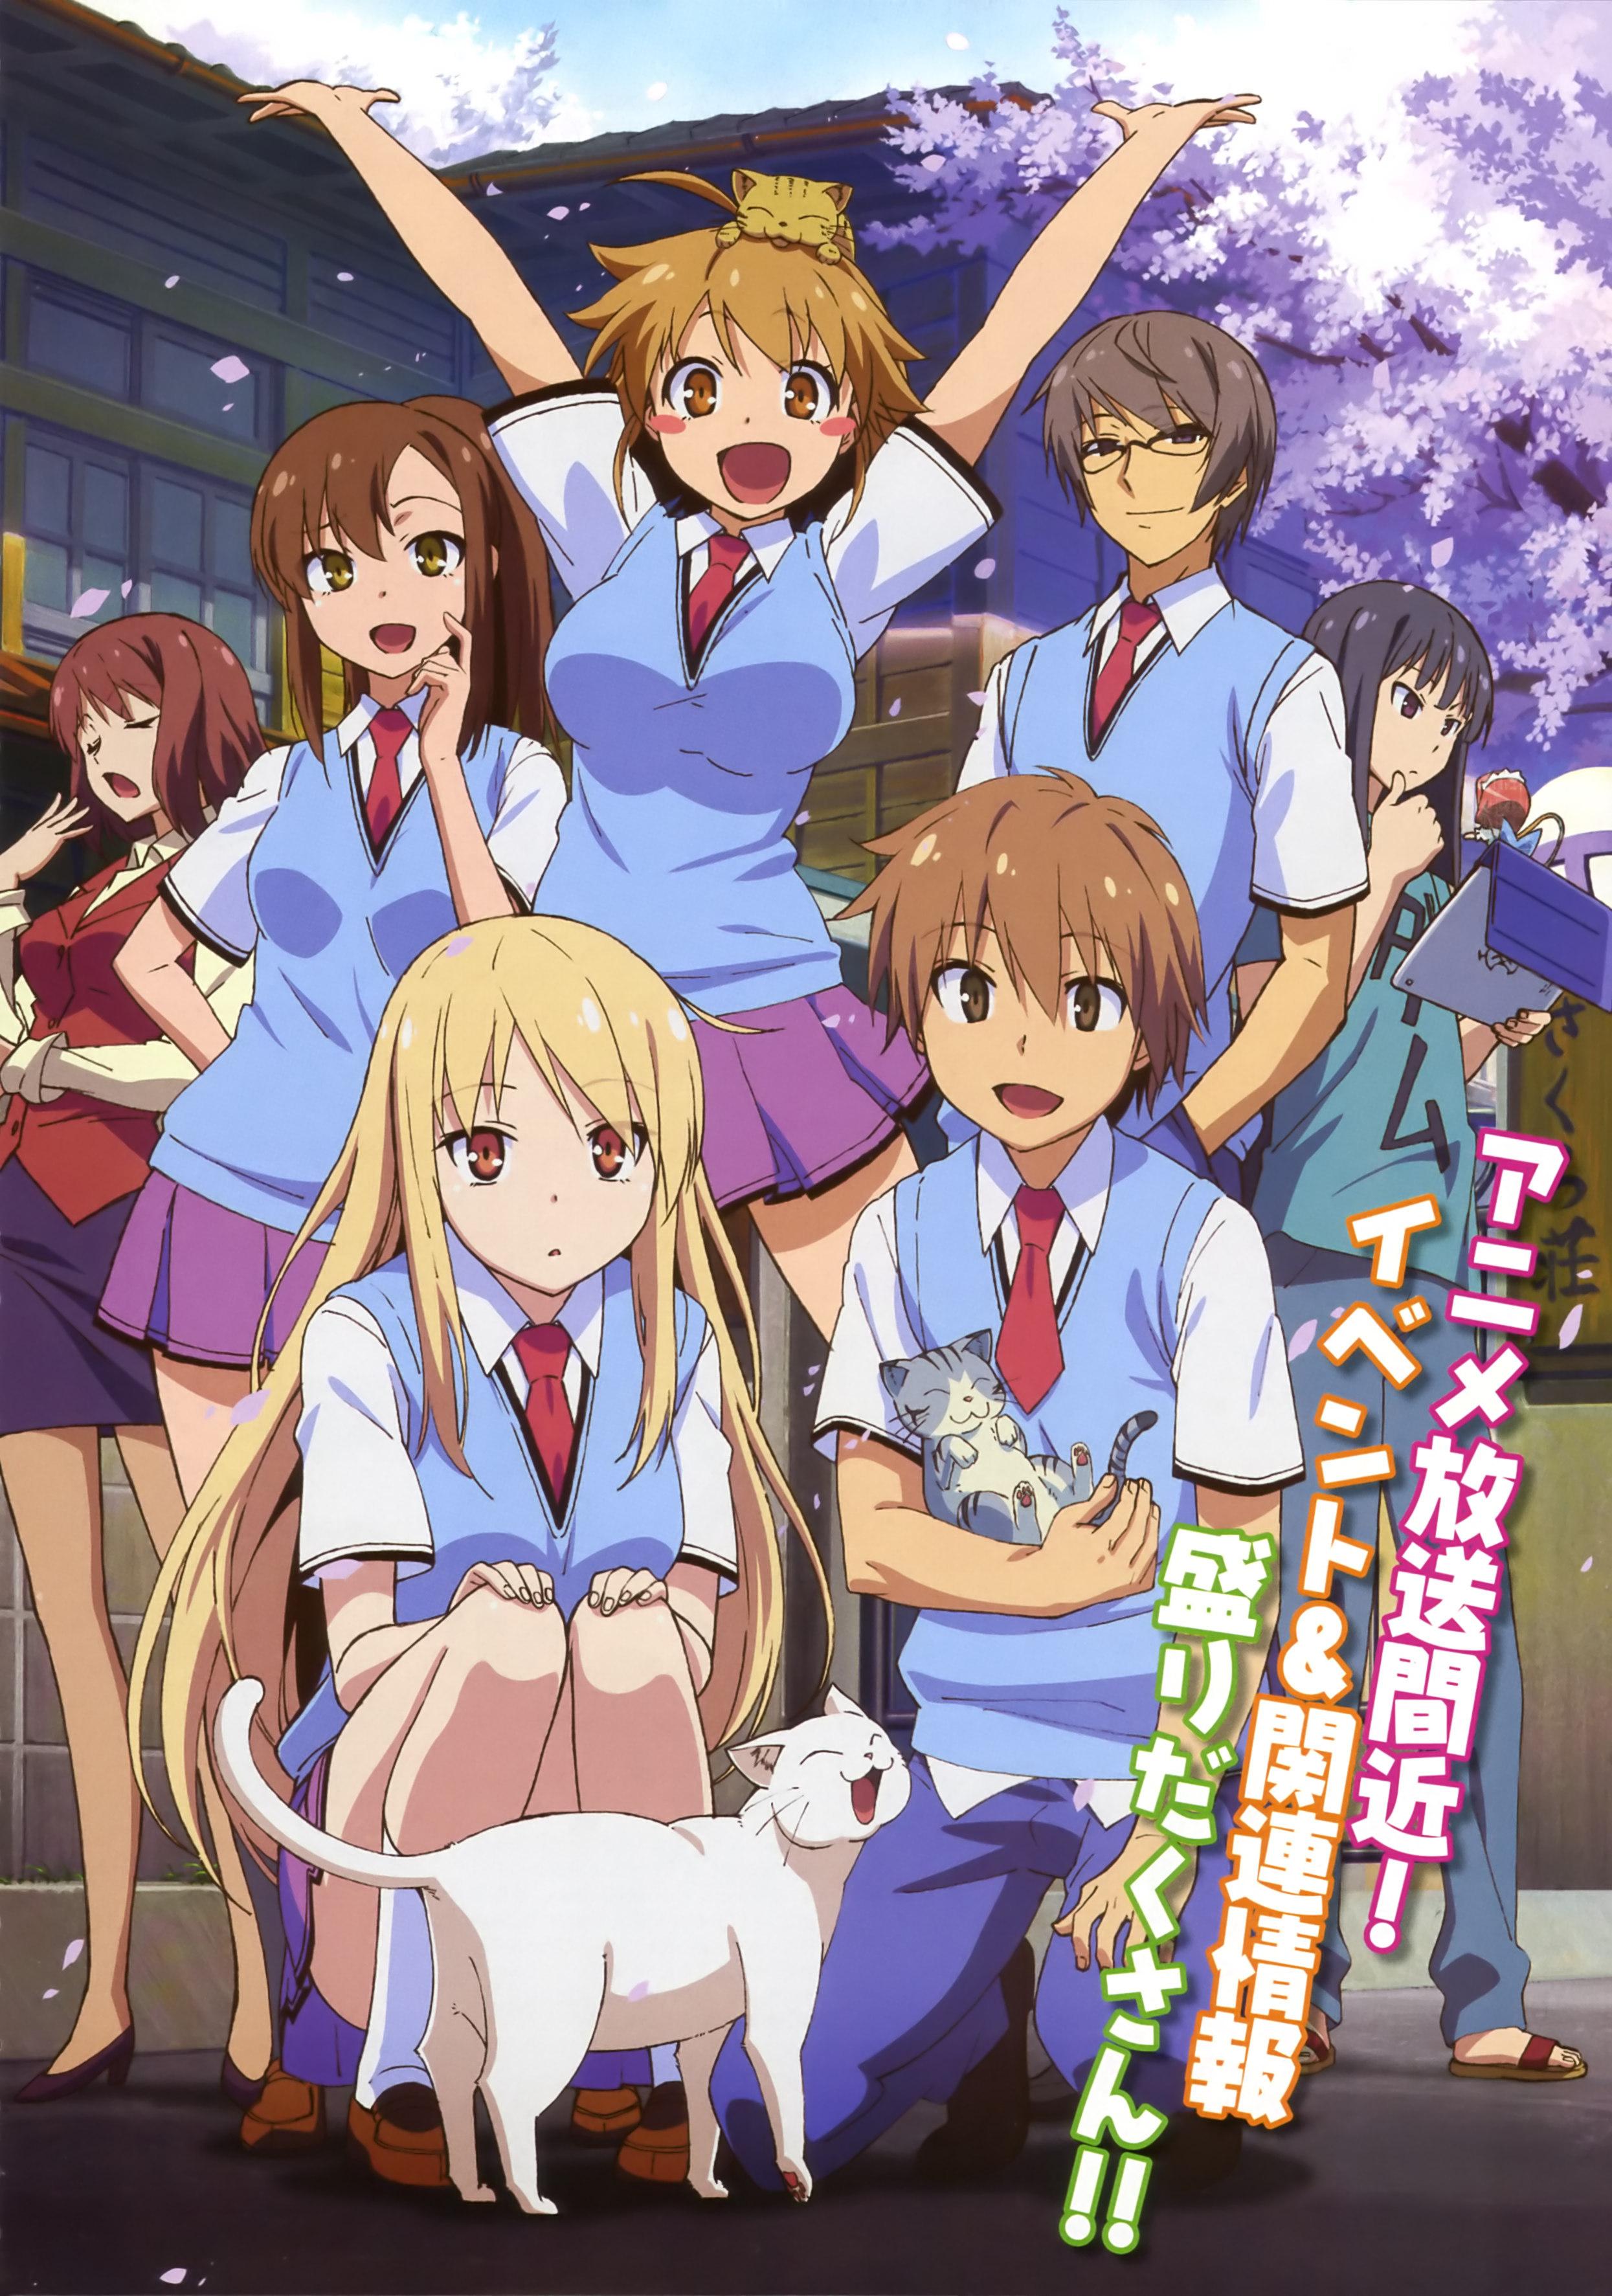 sakurasou-no-pet-na-kanojo-top-Animes de comédia romântica